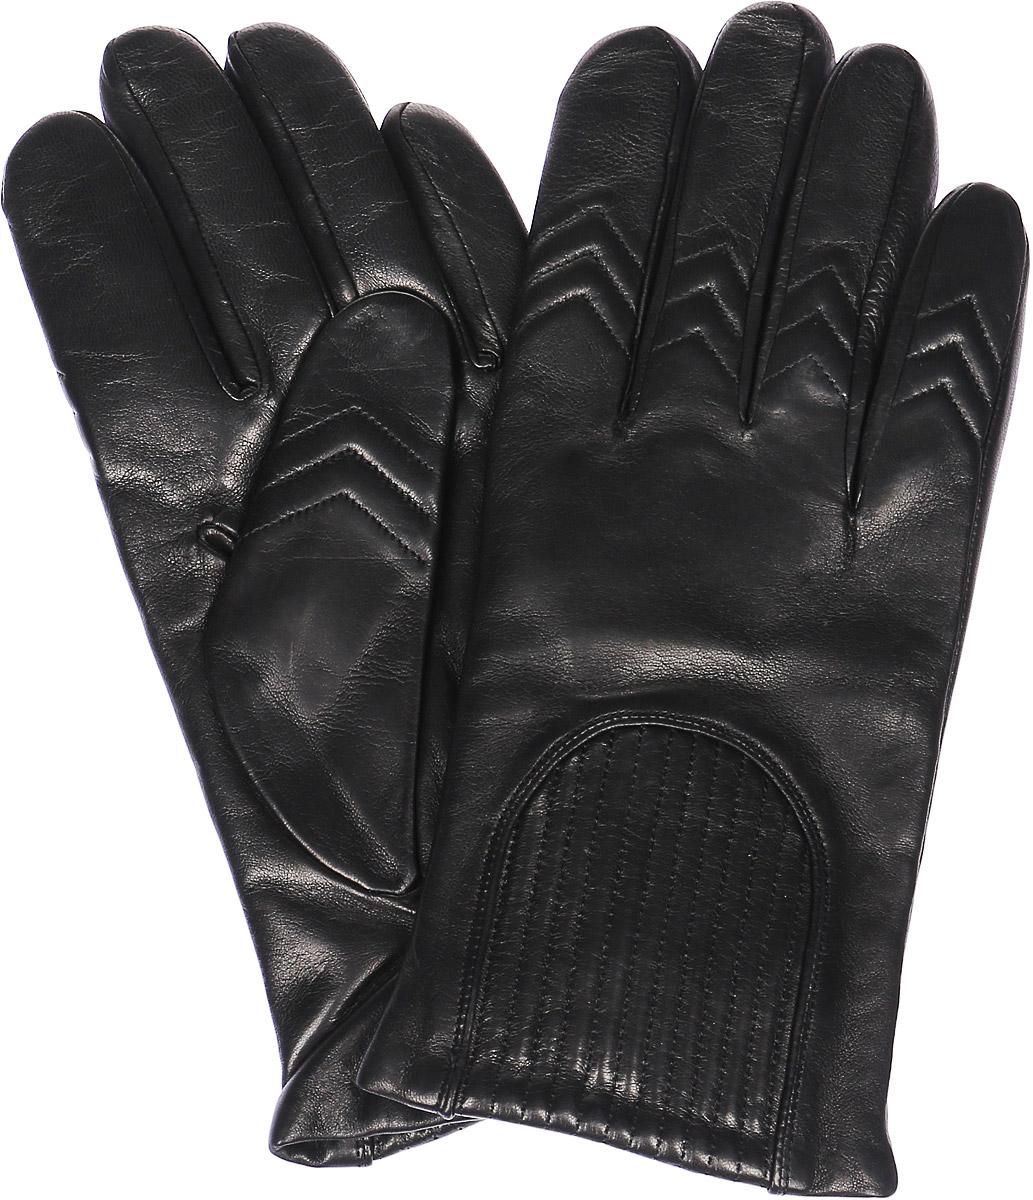 Перчатки мужские Michel Katana, цвет: черный. K11-CAVILE. Размер 8K11-CAVILE/BLМужские перчатки Michel Katana не только защитят ваши руки, но и станут великолепным украшением. Перчатки выполнены из натуральной кожи, а подкладка - из высококачественной шерсти. Модель оформлена декоративными прострочками.